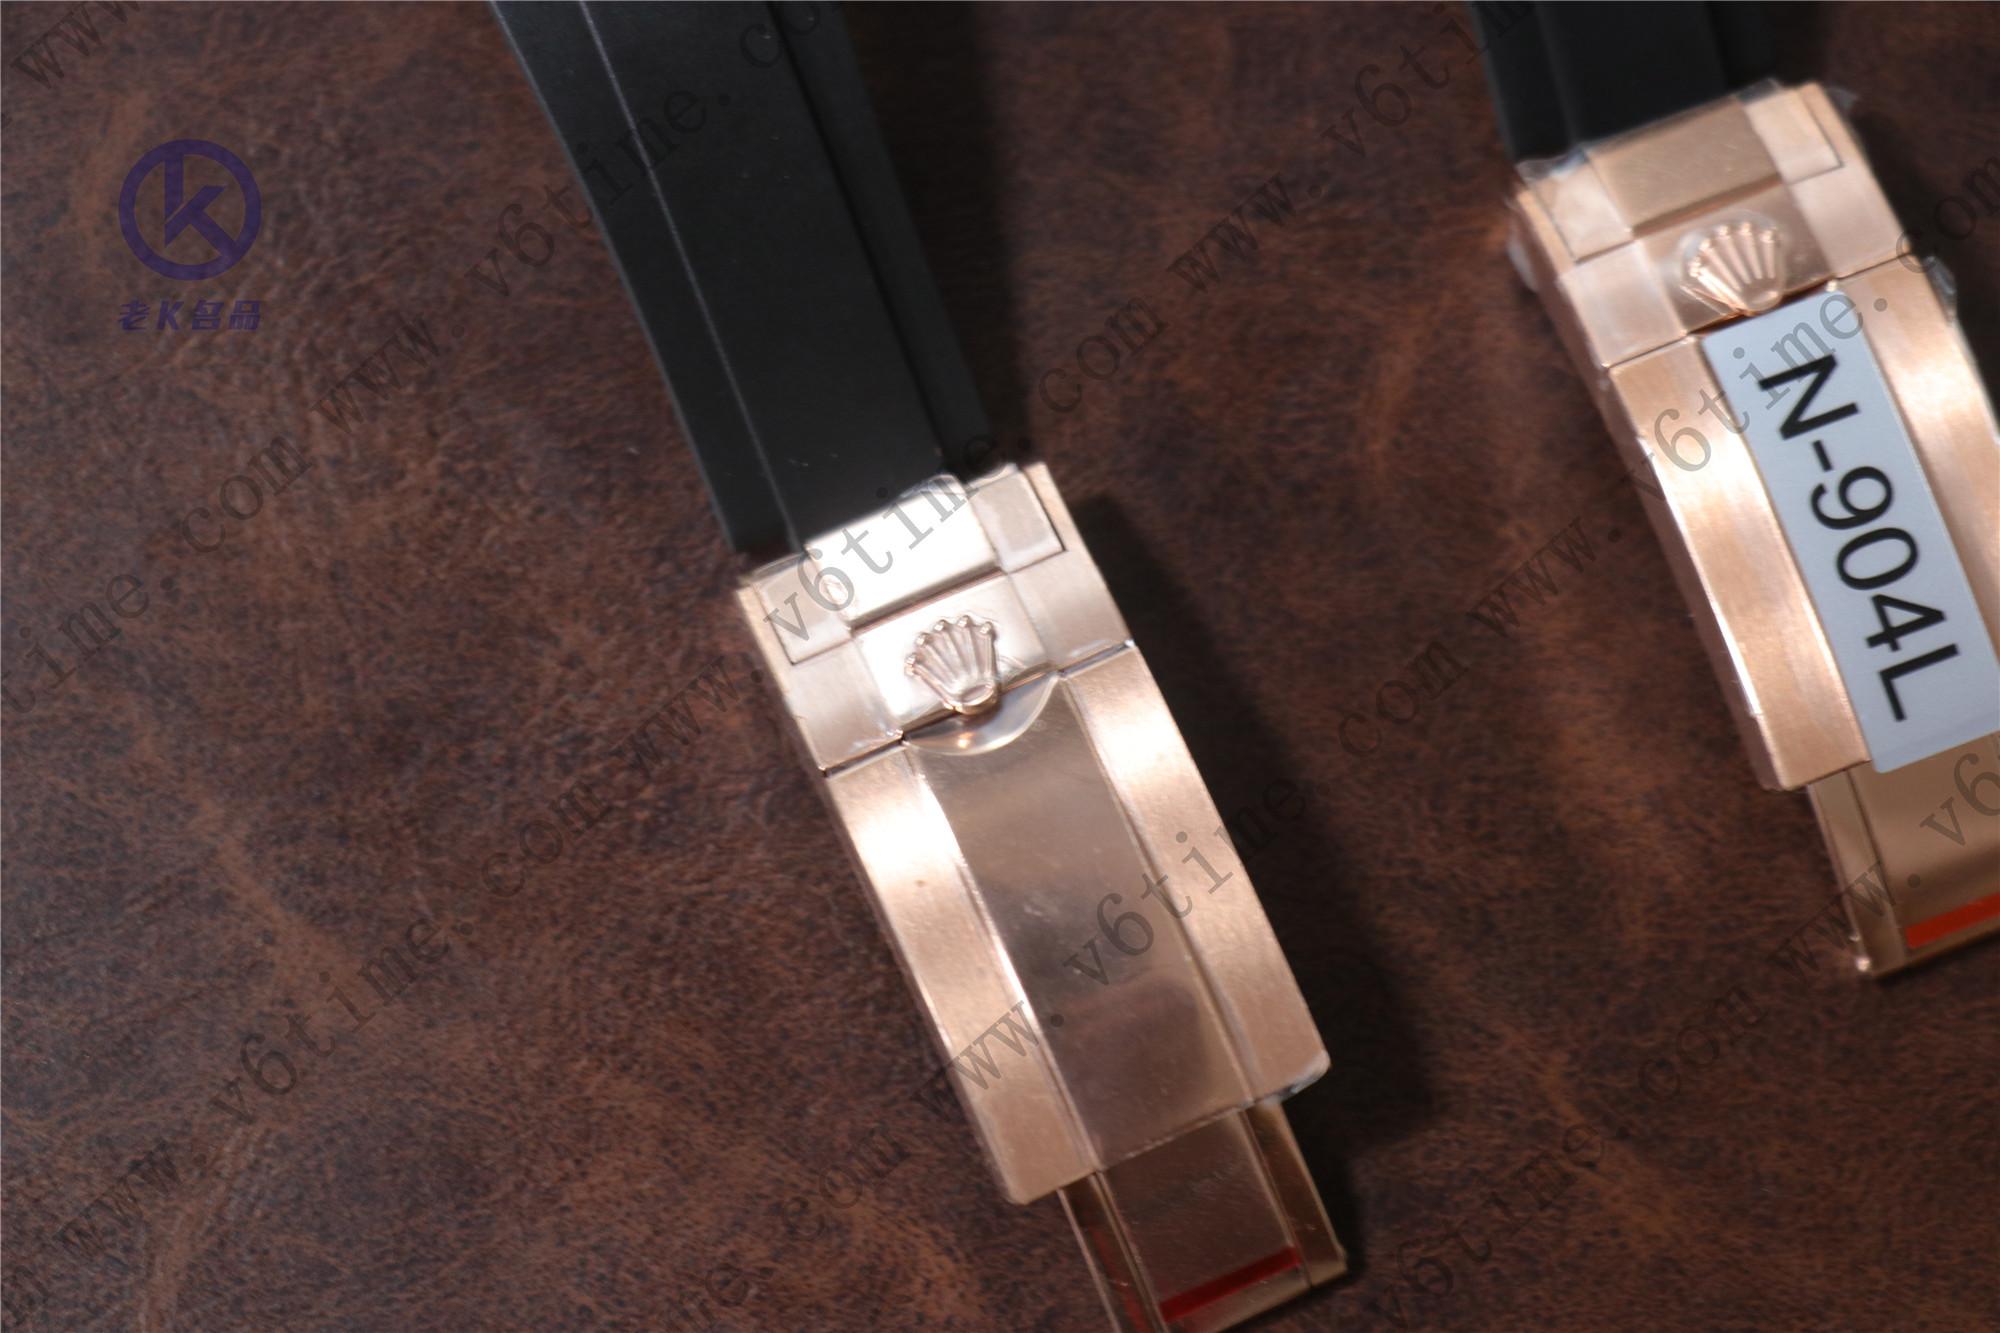 【老K谈表第226期】N厂劳力士糖豆圈904精钢版本和316L到底什么区别?